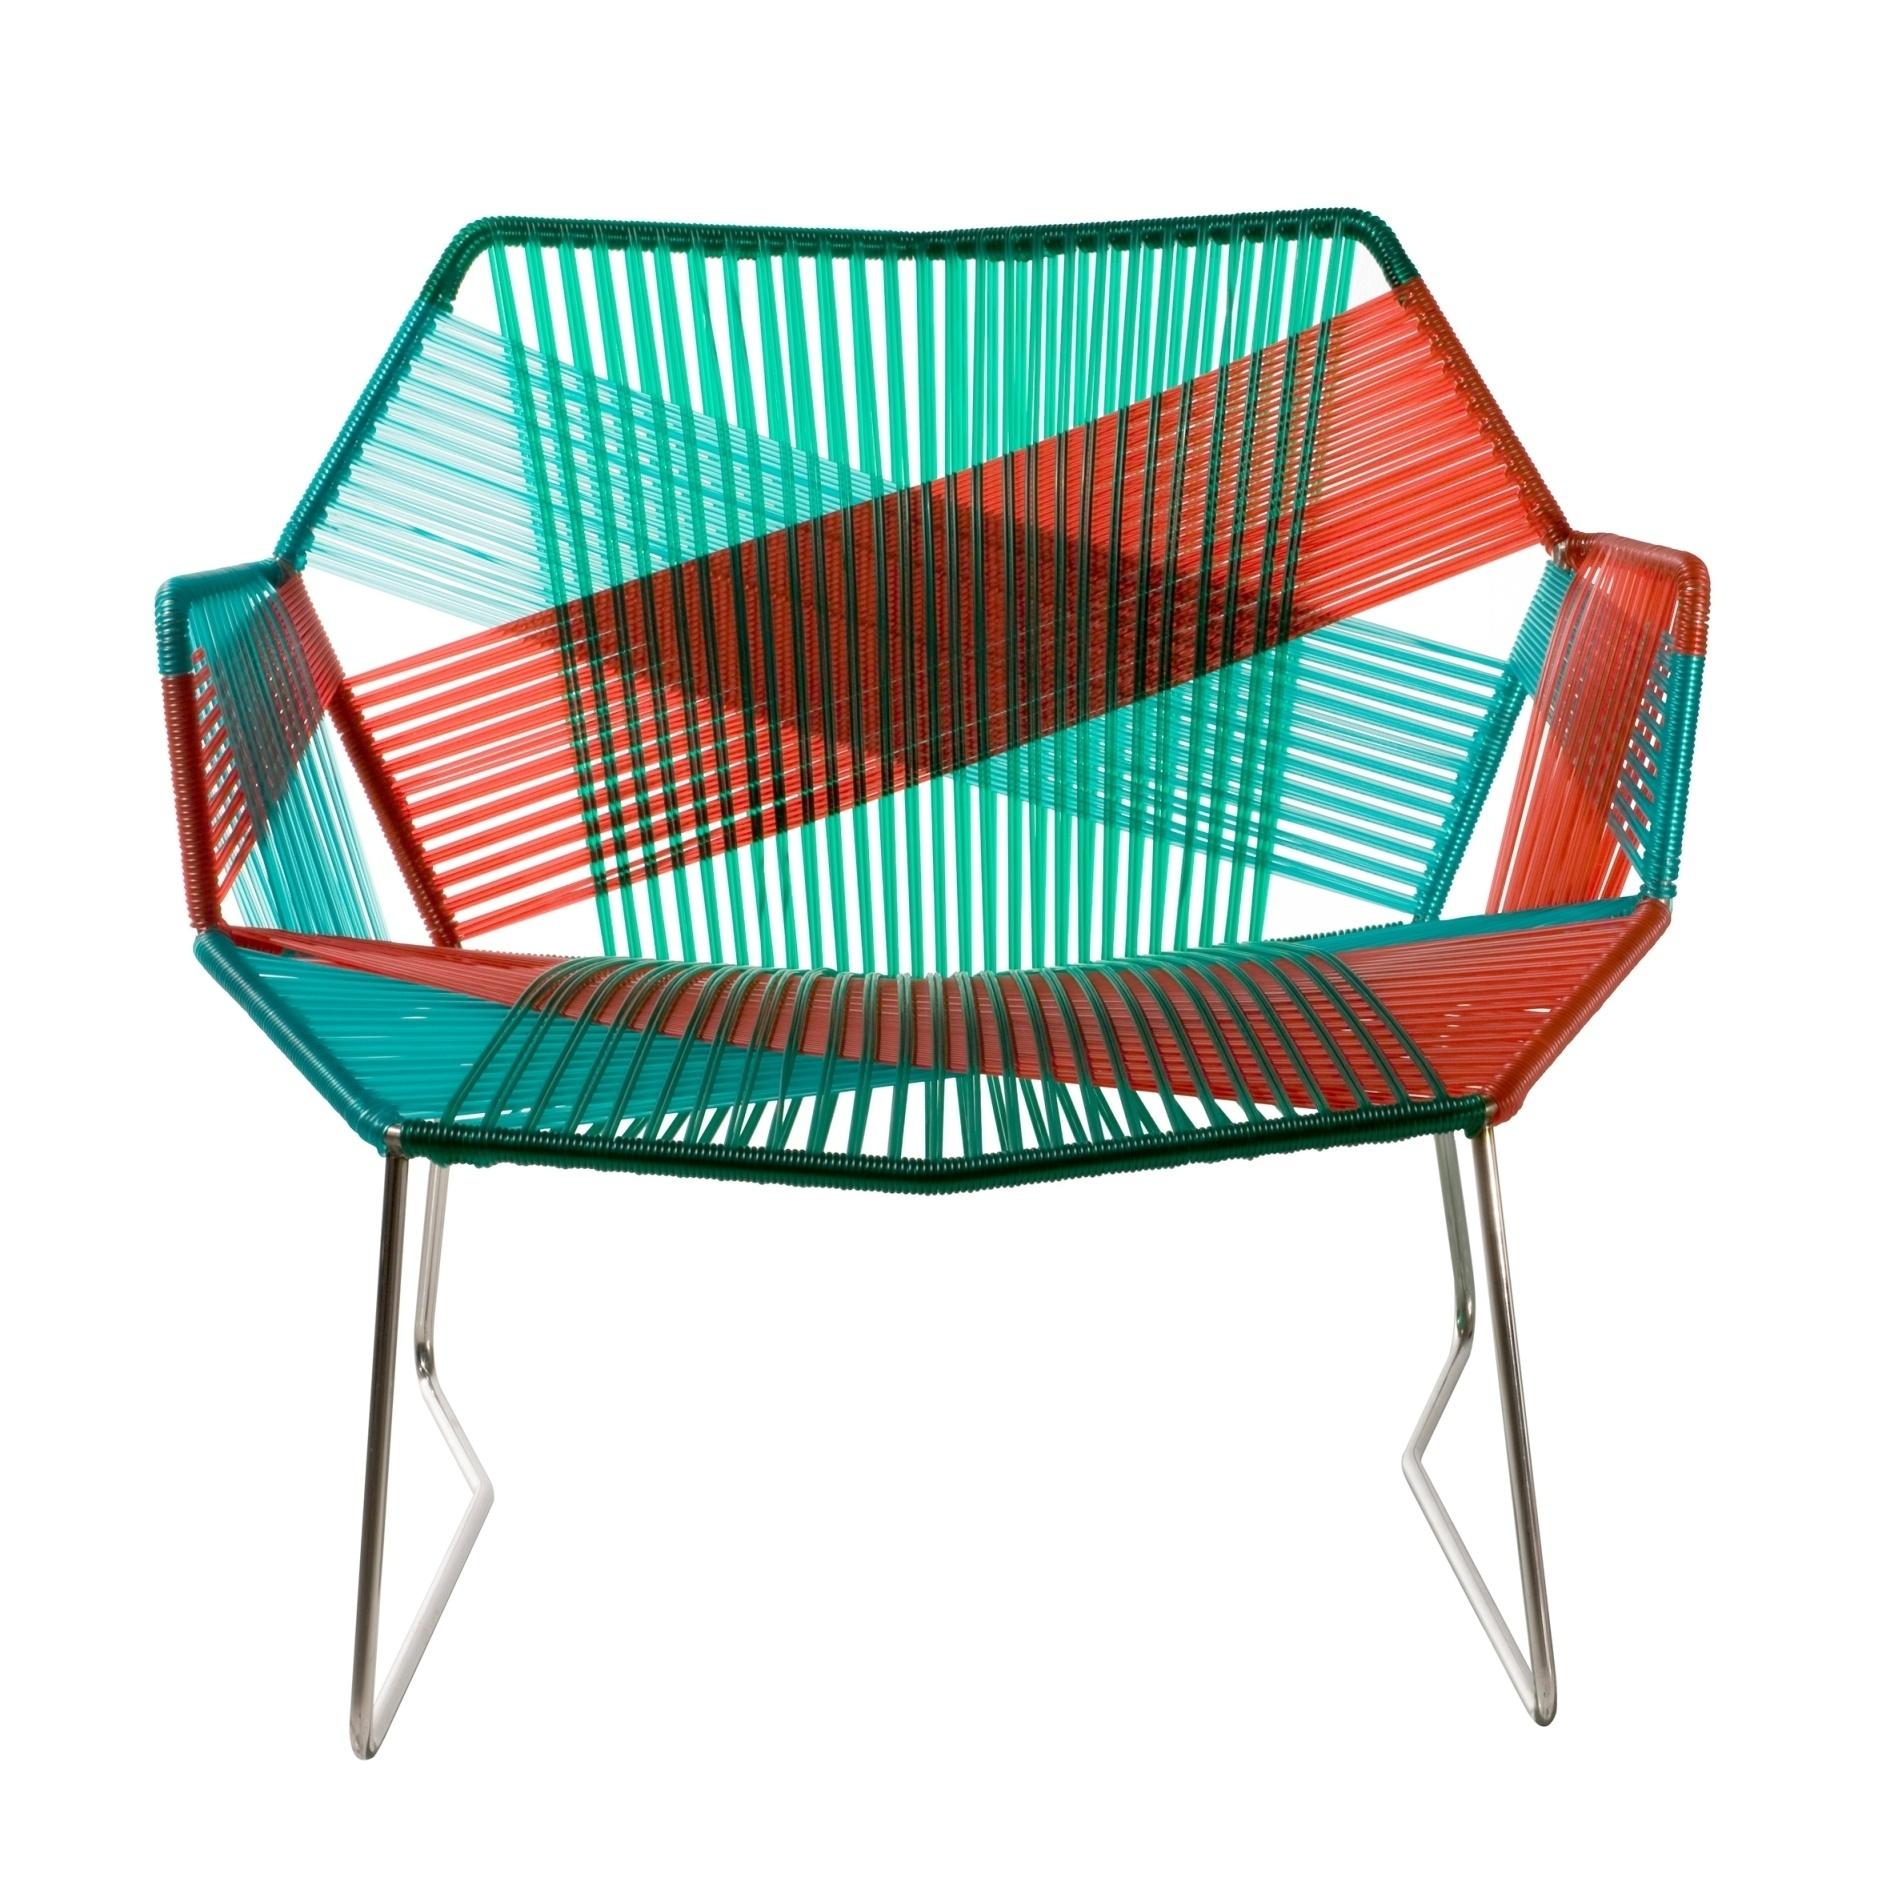 A designer espanhola Patricia Urquiola projetou a cadeira Tropicália, com base em aço inox e revestimento em fios  entrelaçados, feitos de plástico reciclável. A peça pode ser comprada no LZ Studio (www.lzstudio.com.br) e mede 94 cm por 87 cm por 78 cm